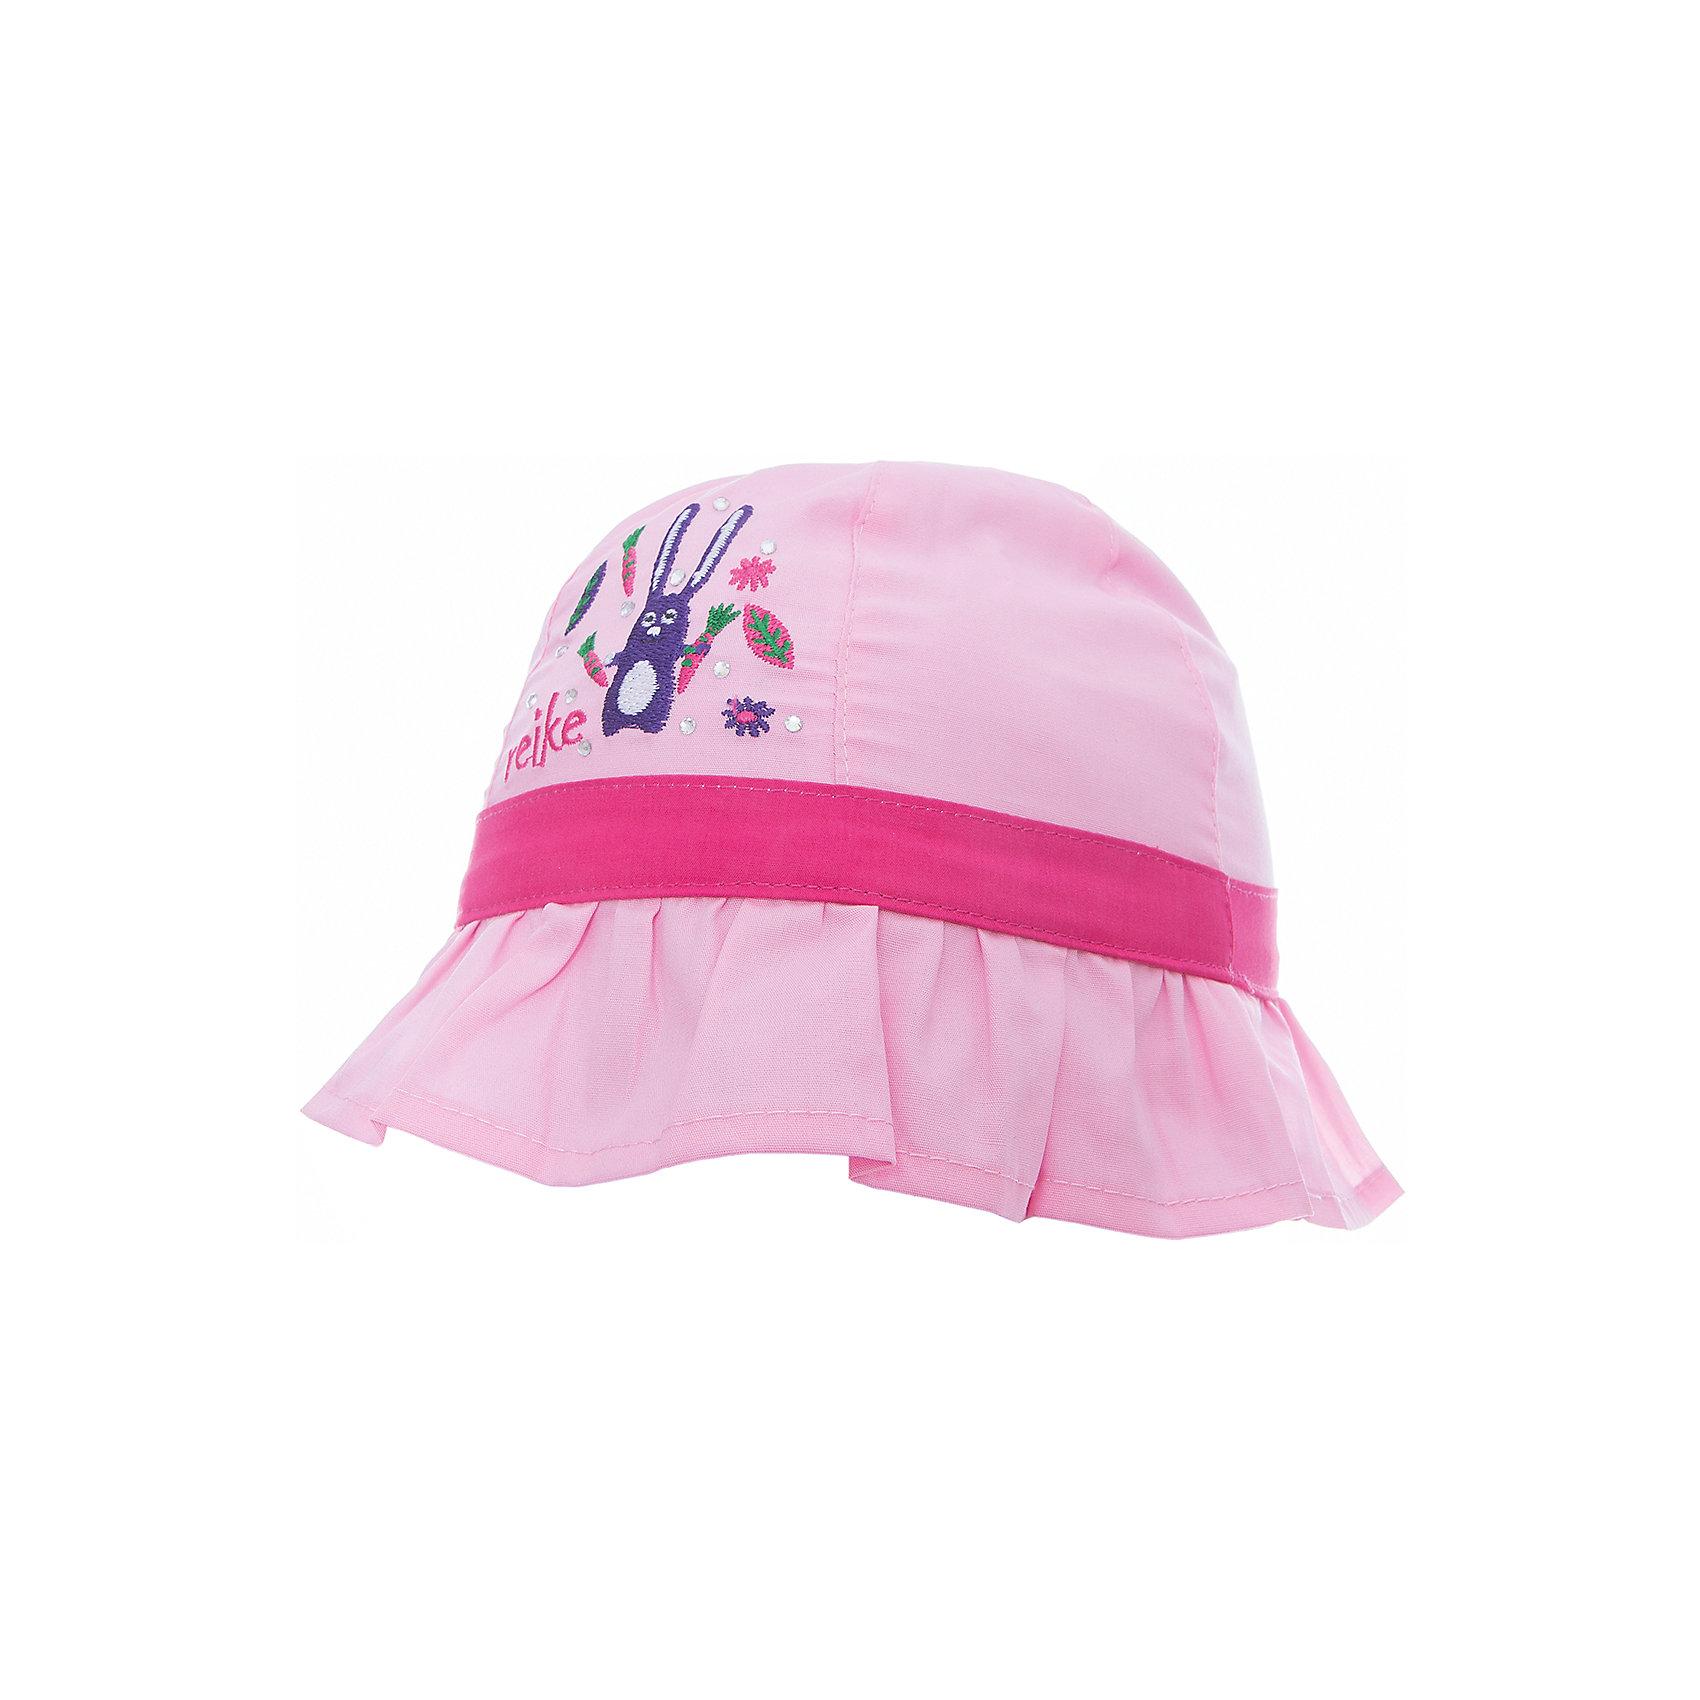 Панама Reike для девочкиШапочки<br>Характеристики товара:<br><br>• цвет: розовый<br>• состав: 100% хлопок<br>• декорирована вышивкой и стразами<br>• мягкий материал<br>• страна бренда: Финляндия<br><br>Новая коллекция от известного финского производителя Reike отличается ярким дизайном, продуманностью и комфортом! Эта модель разработана специально для детей - она учитывает особенности их физиологии, а также новые тенденции в европейской моде. Стильная и удобная вещь!<br><br>Панаму для девочки от популярного бренда Reike можно купить в нашем интернет-магазине.<br><br>Ширина мм: 89<br>Глубина мм: 117<br>Высота мм: 44<br>Вес г: 155<br>Цвет: розовый<br>Возраст от месяцев: 24<br>Возраст до месяцев: 36<br>Пол: Женский<br>Возраст: Детский<br>Размер: 50,46,48<br>SKU: 5430540